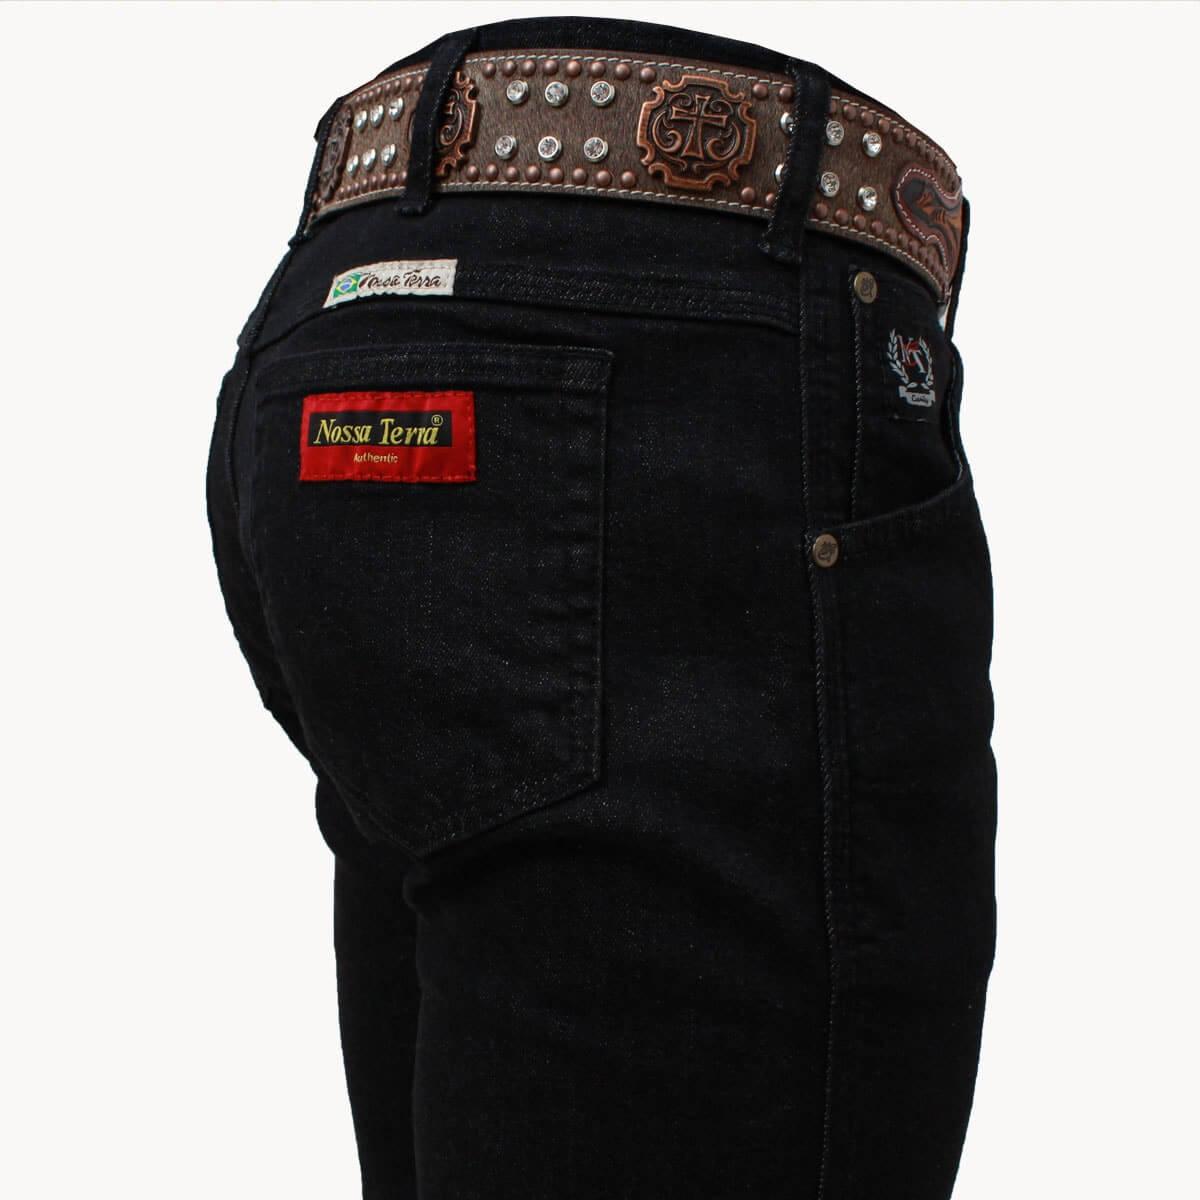 Calça Jeans Masculina Nossa Terra Preta - Arena Country Echaporã 73e1bea2f62